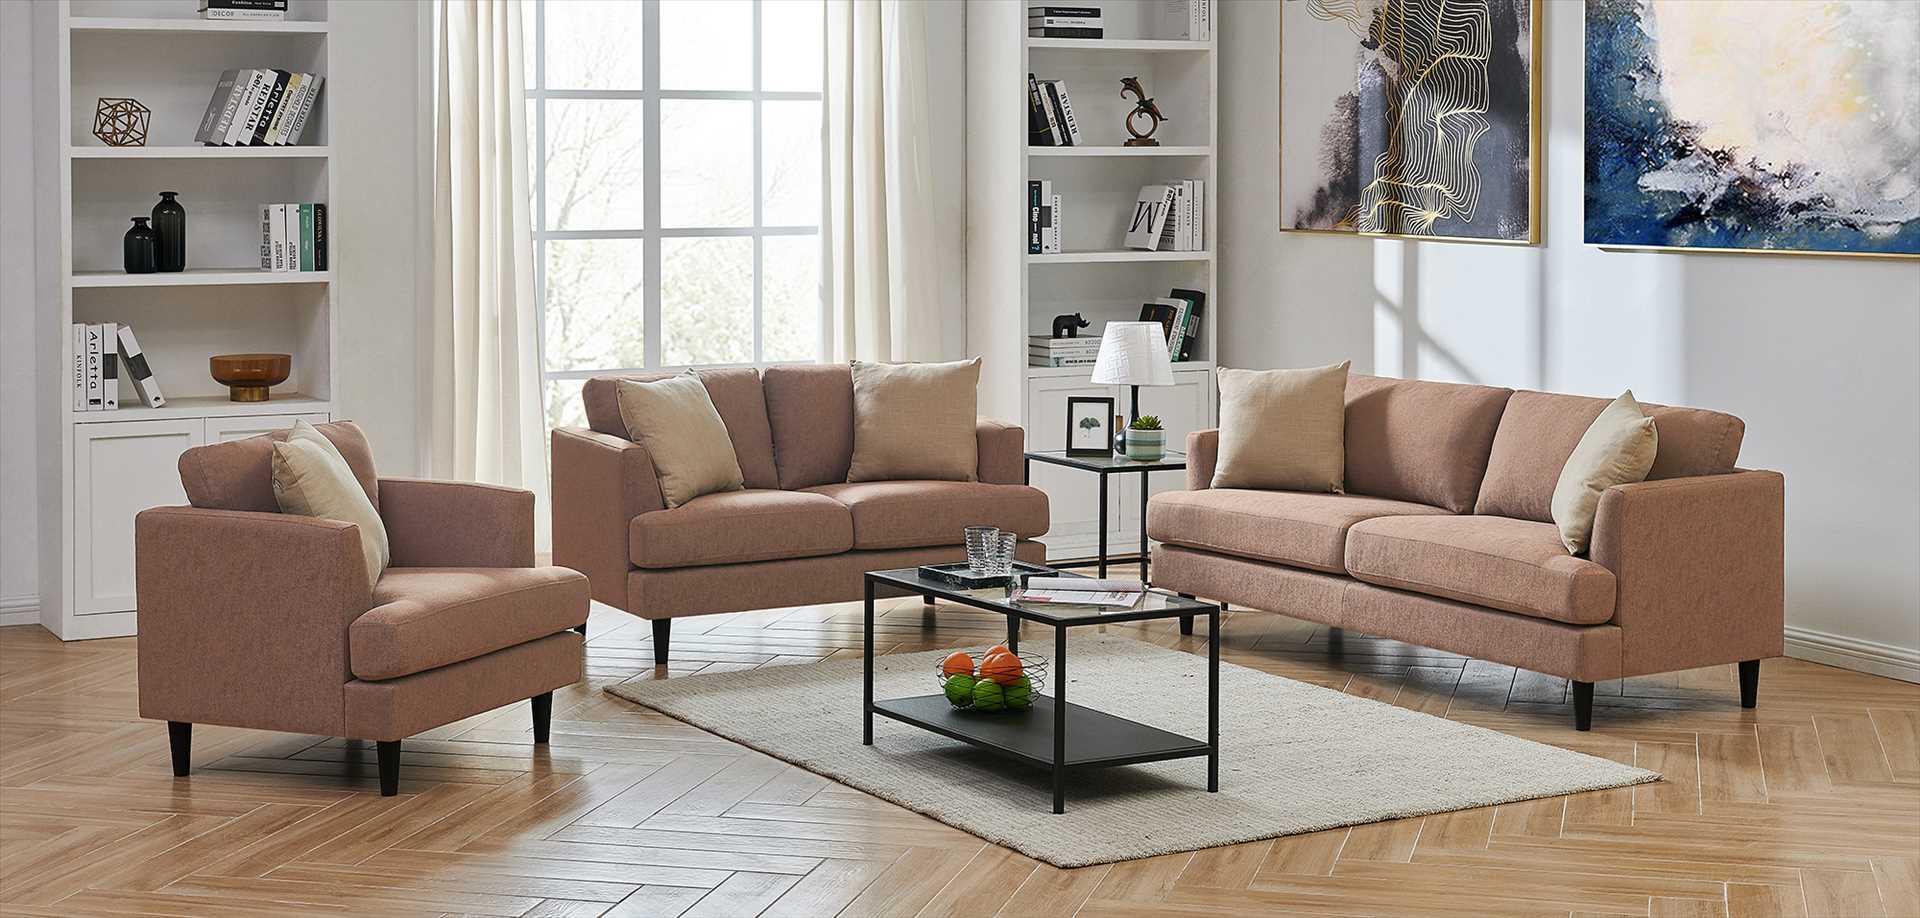 מערכת ישיבה מעוצבת לסלון 3+2+1 דגם לאונרדו צבע חום